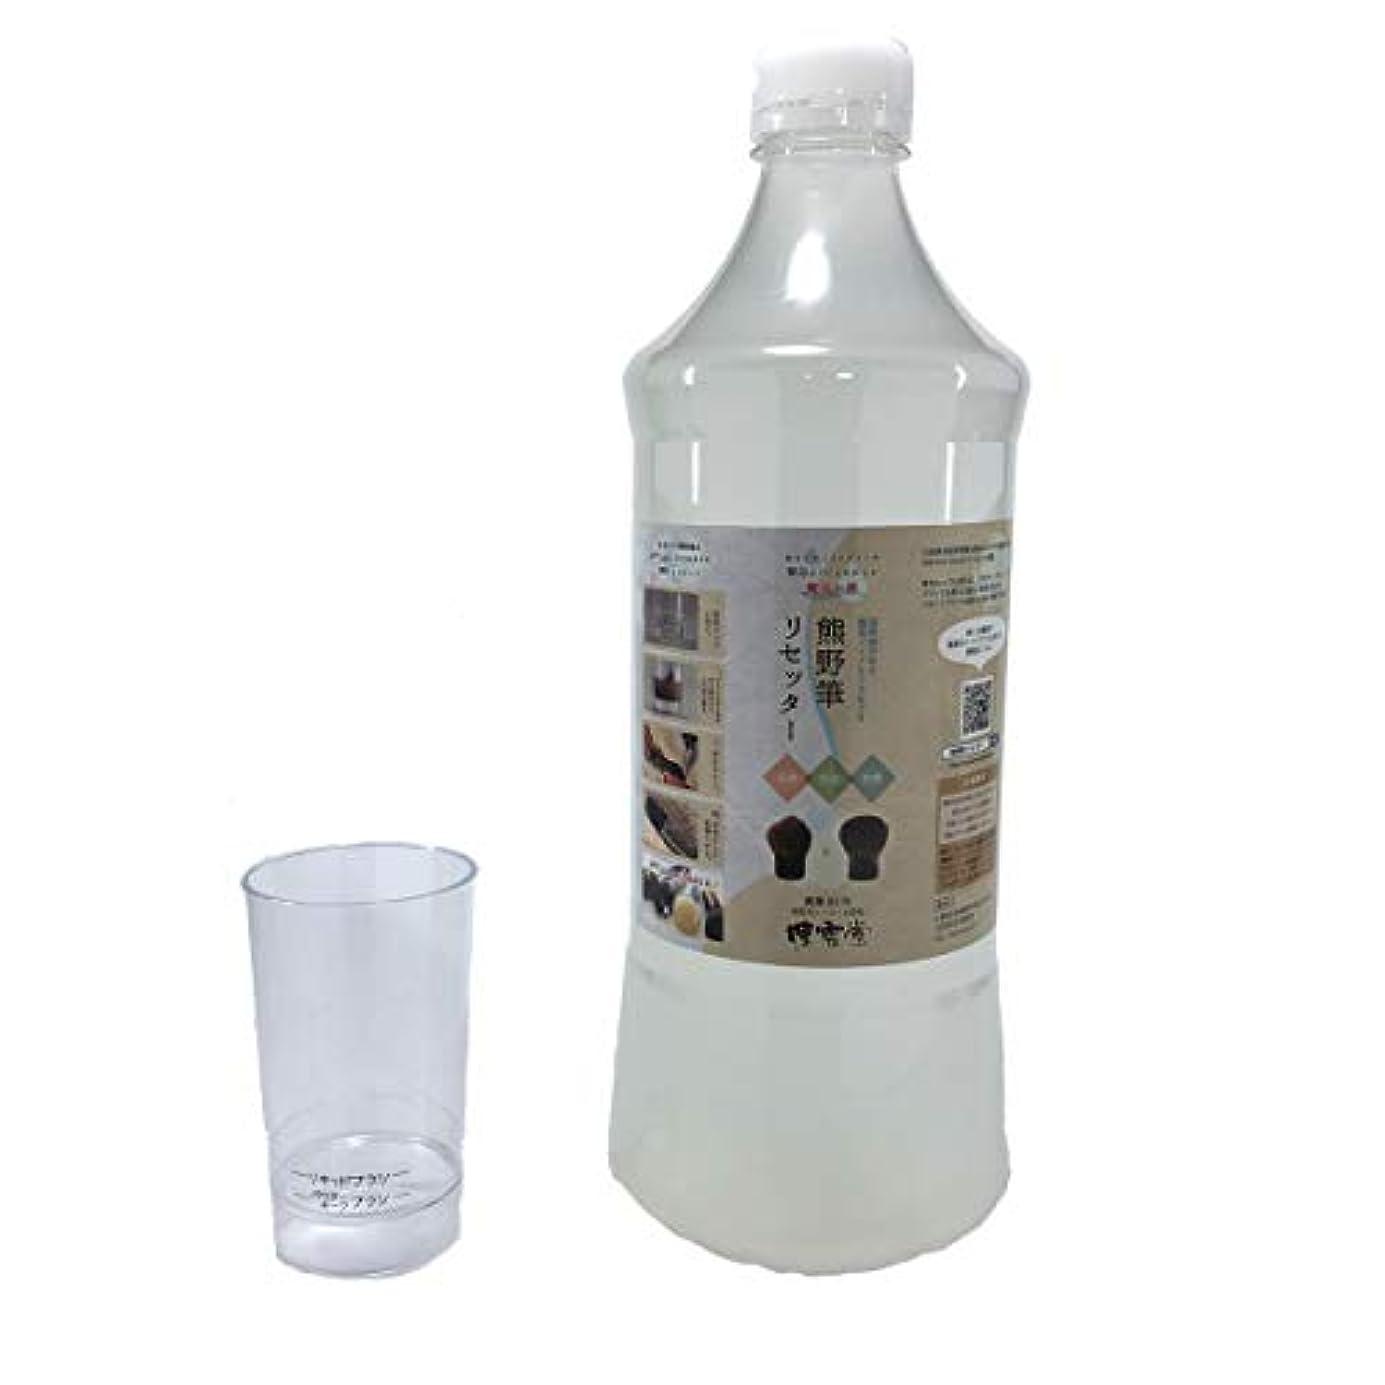 意欲記念品まもなくメイクブラシ?リセッター「熊野筆リセッター(洗浄カップ付き)」特大ボトル